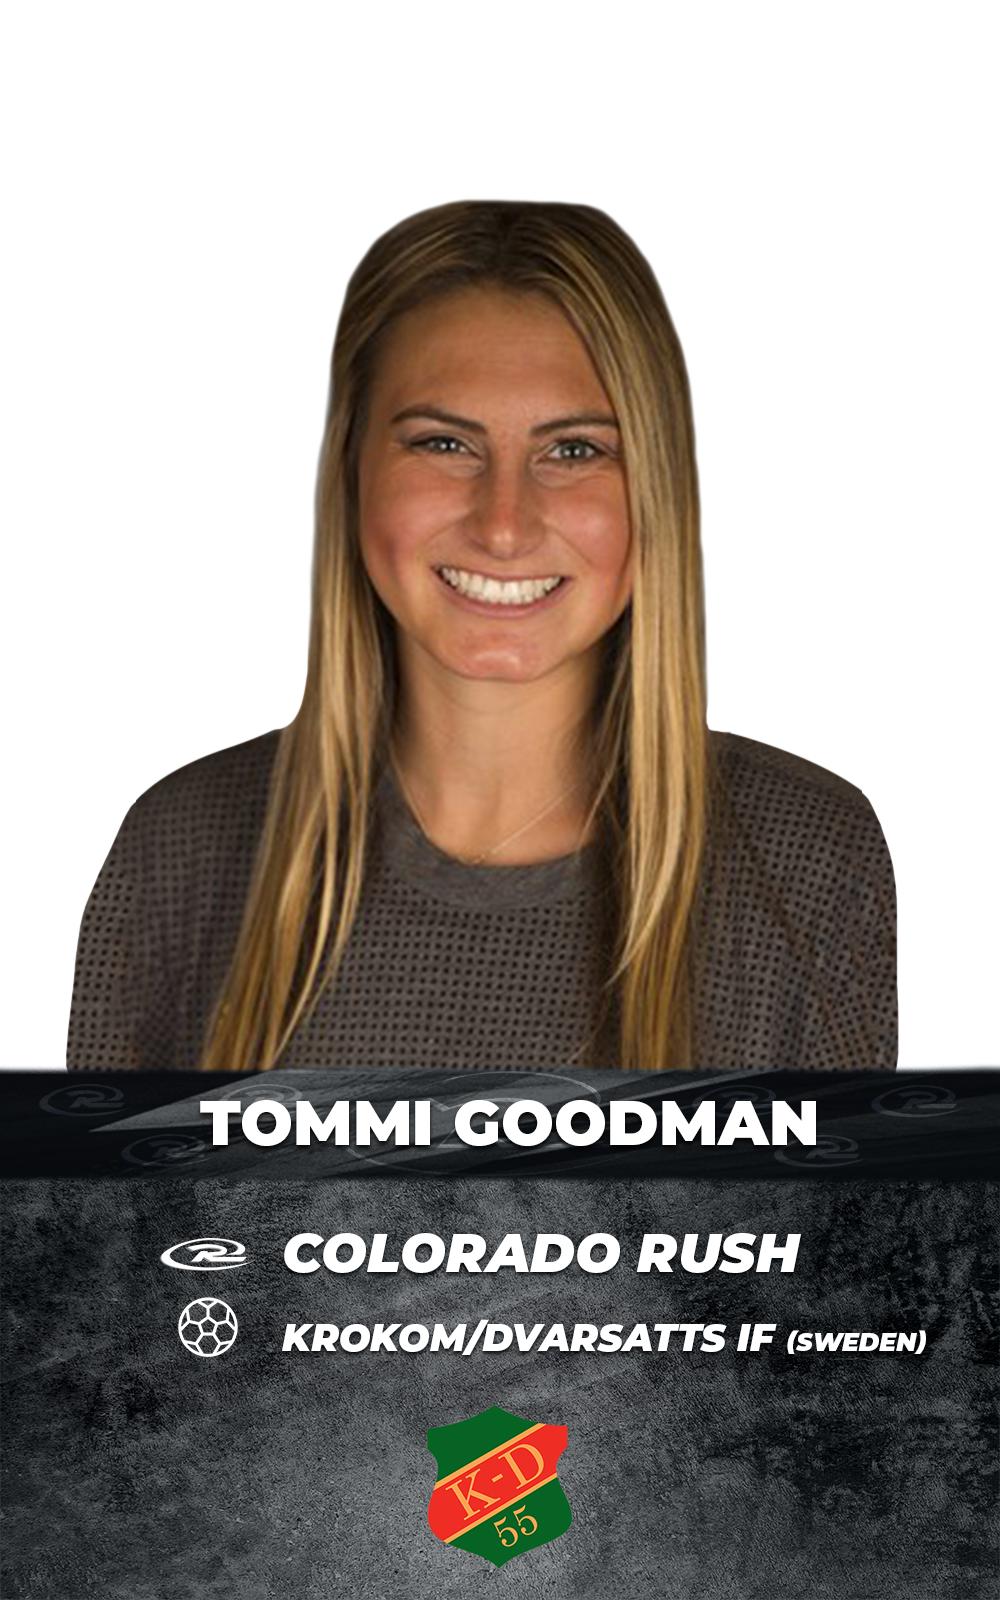 Tommi-Goodman